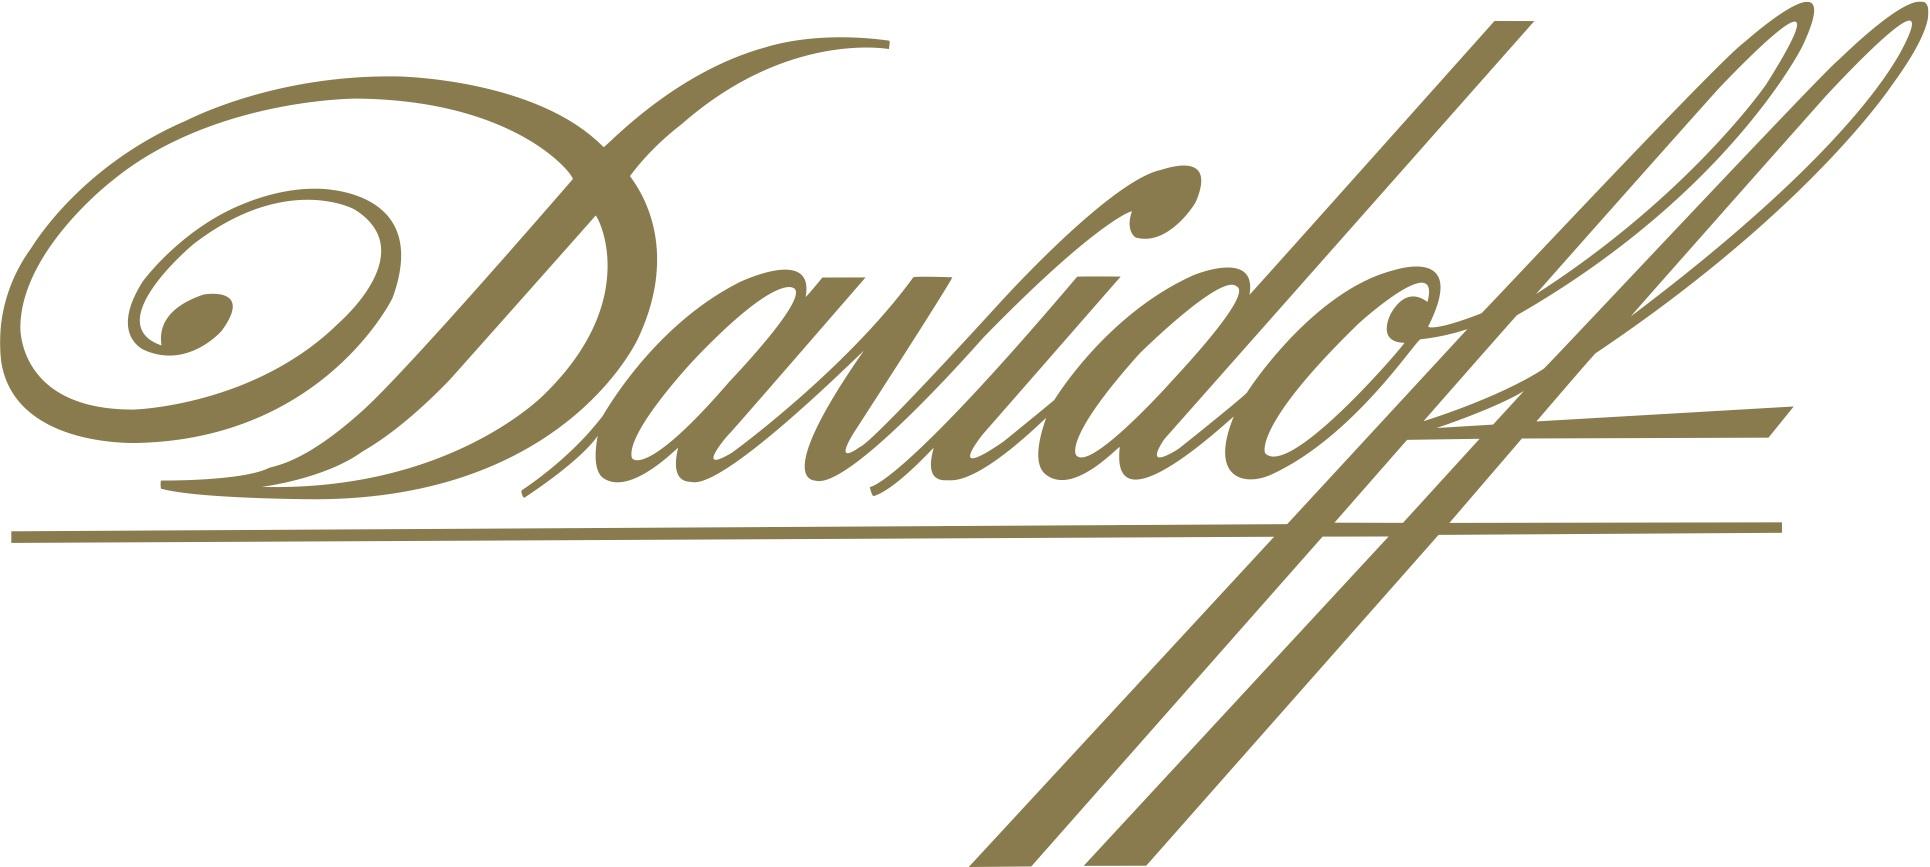 Dav_Logo_gd.jpg